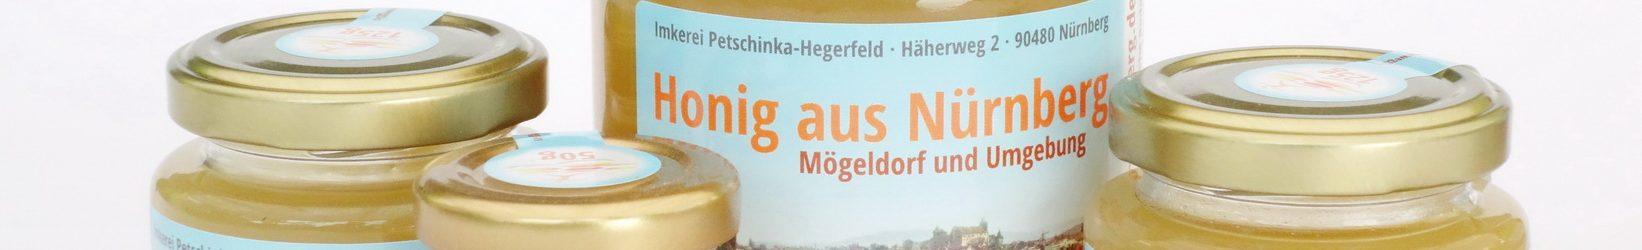 Imker in Nürnberg